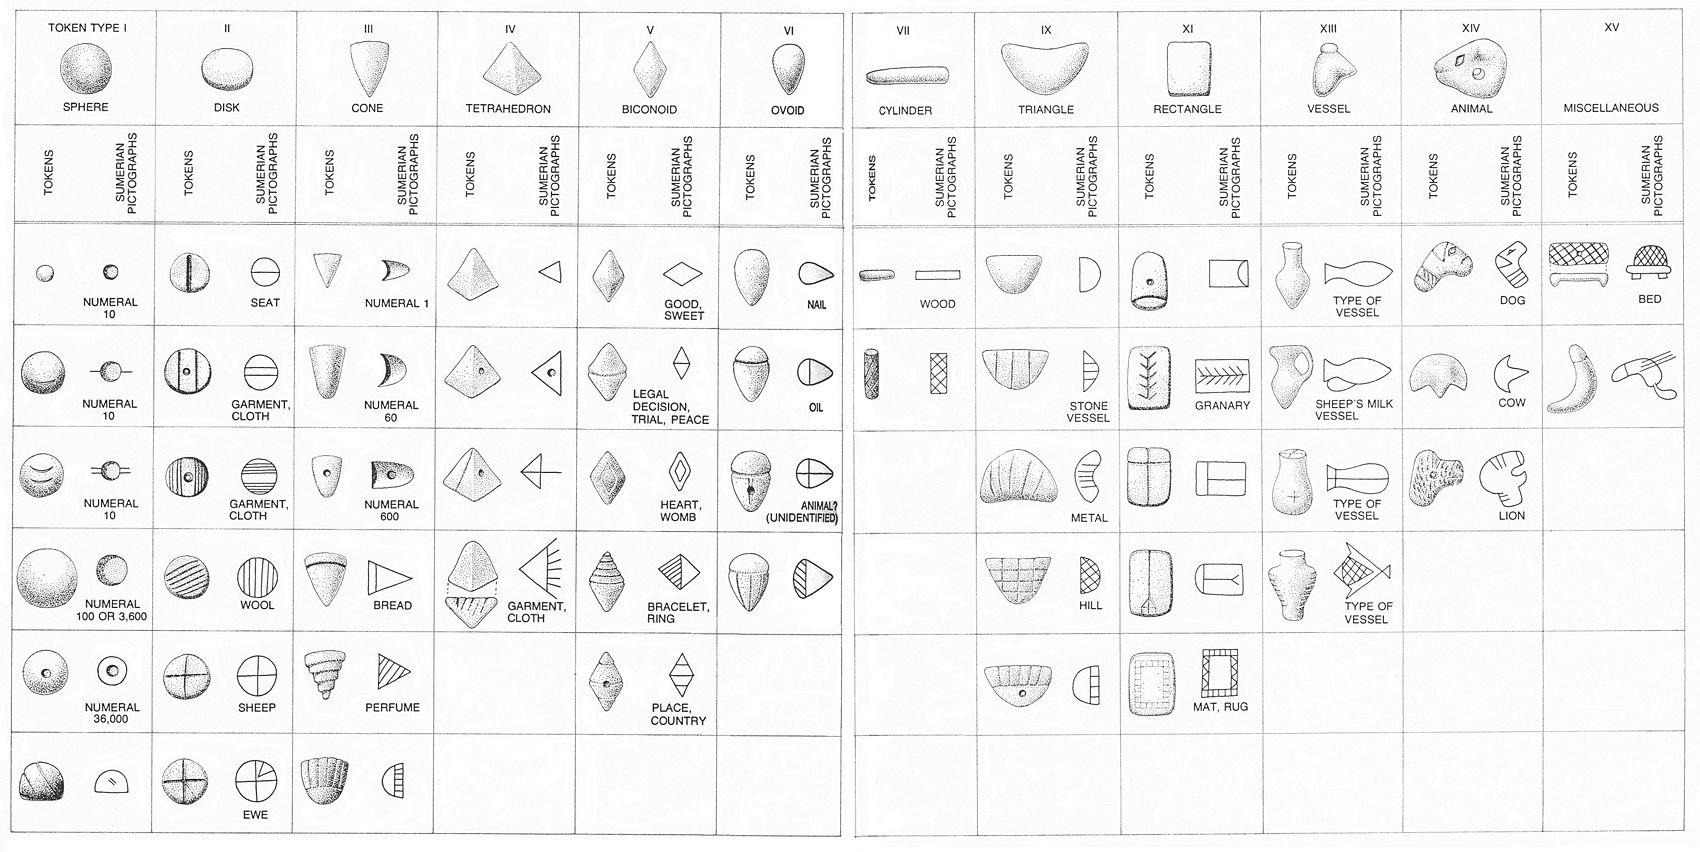 Clay Token Elams Mesopotamia Heartlands Sumerian Counting